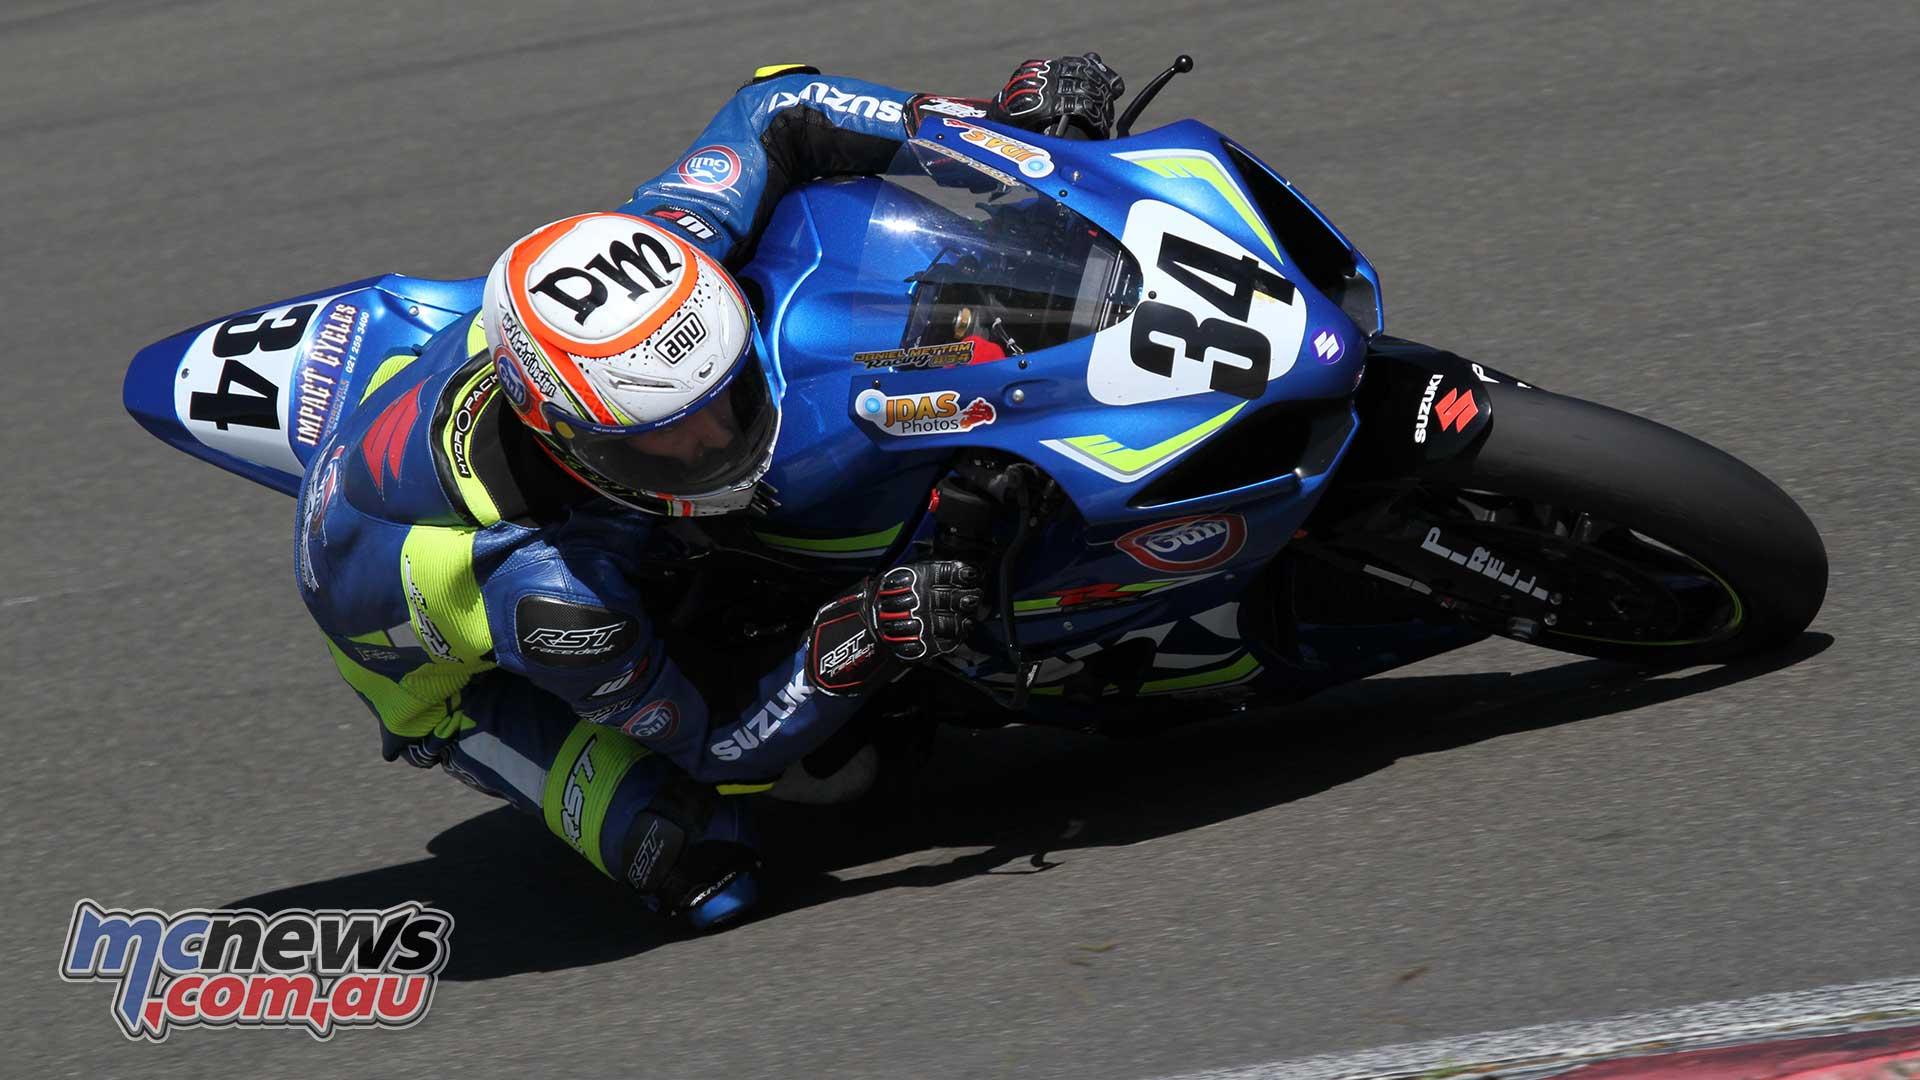 Daniel Mettam took victory in race one on his Suzuki NZ GSX-R1000